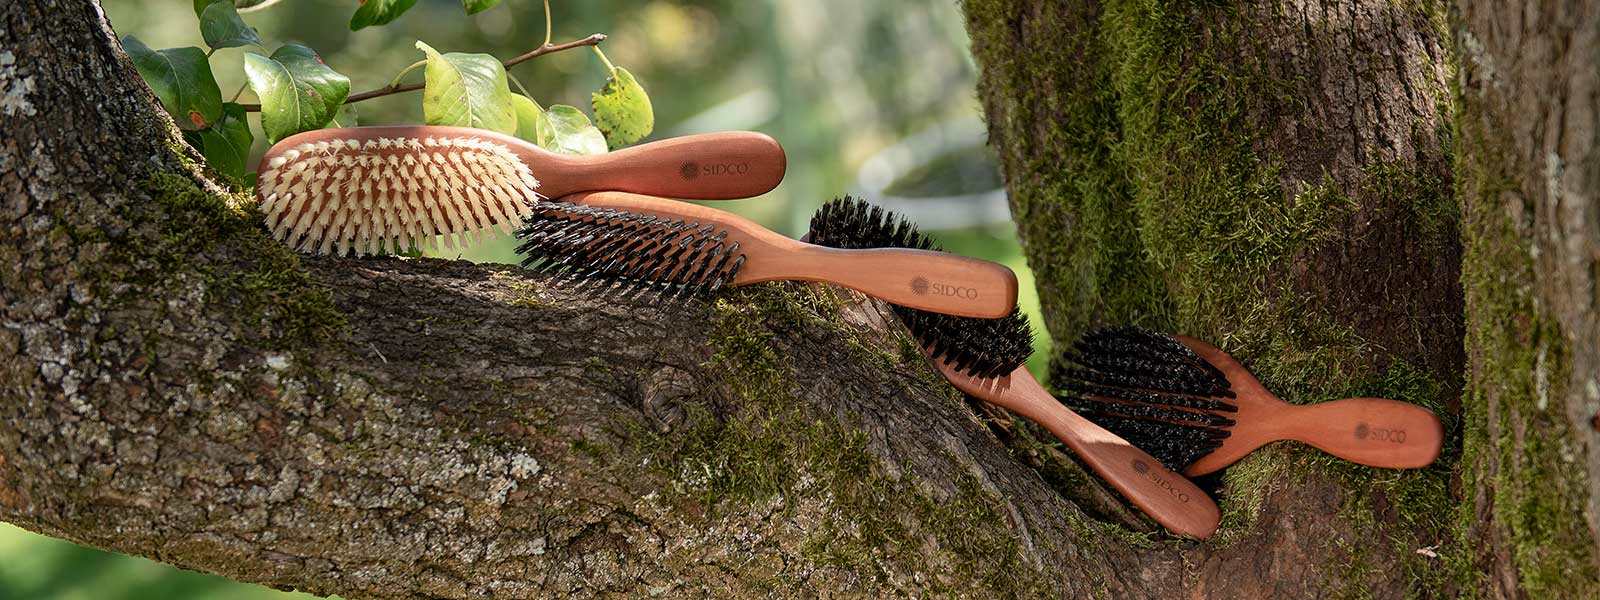 Haarbürsten